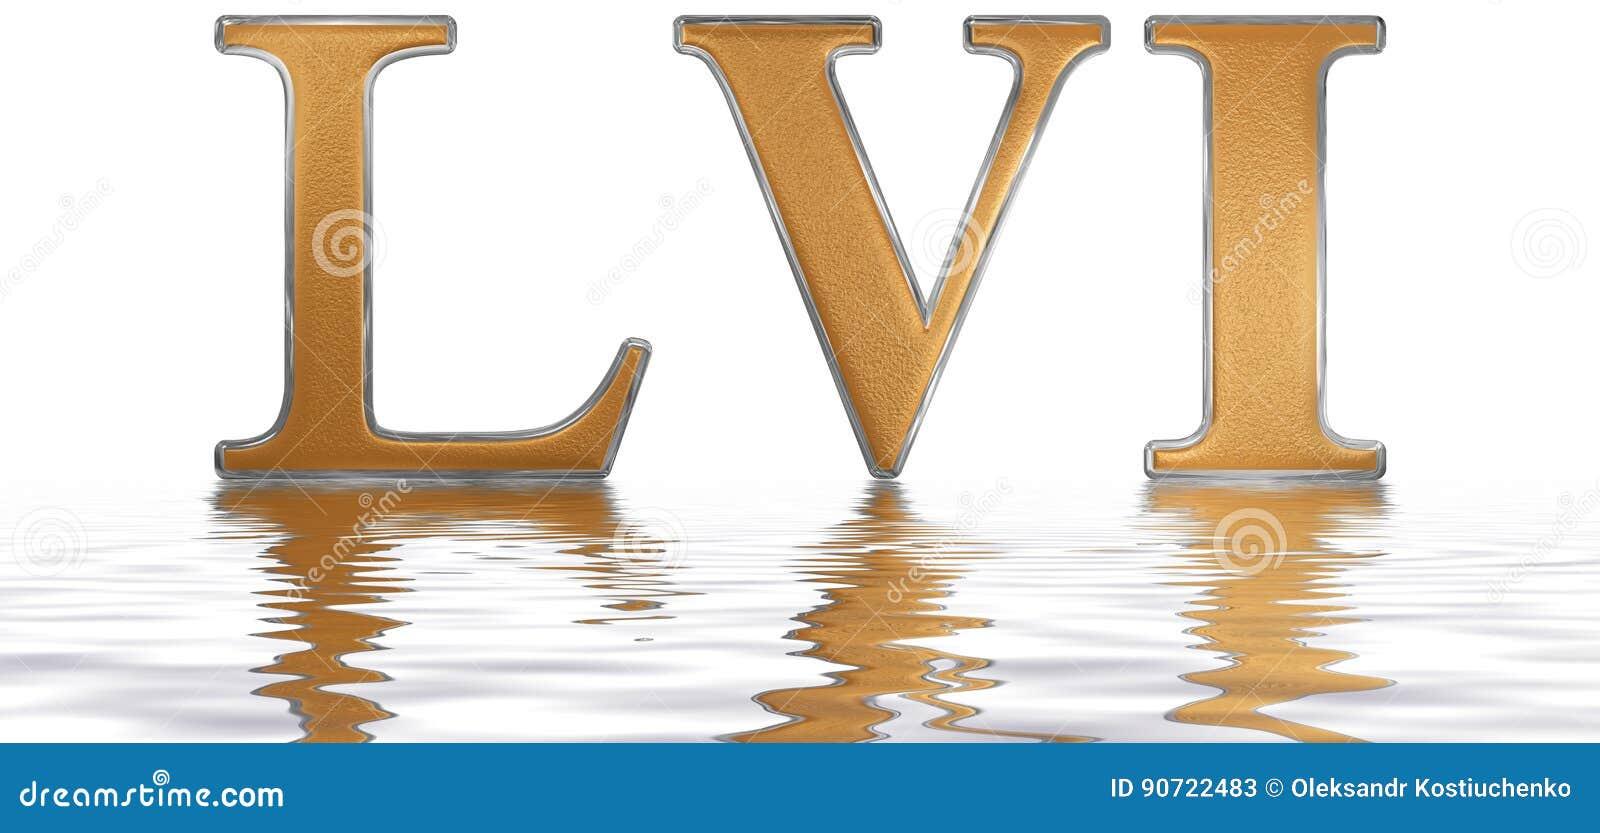 Roman Cijfer Lvi Geslacht Et Quinquaginta 56 Weerspiegelde